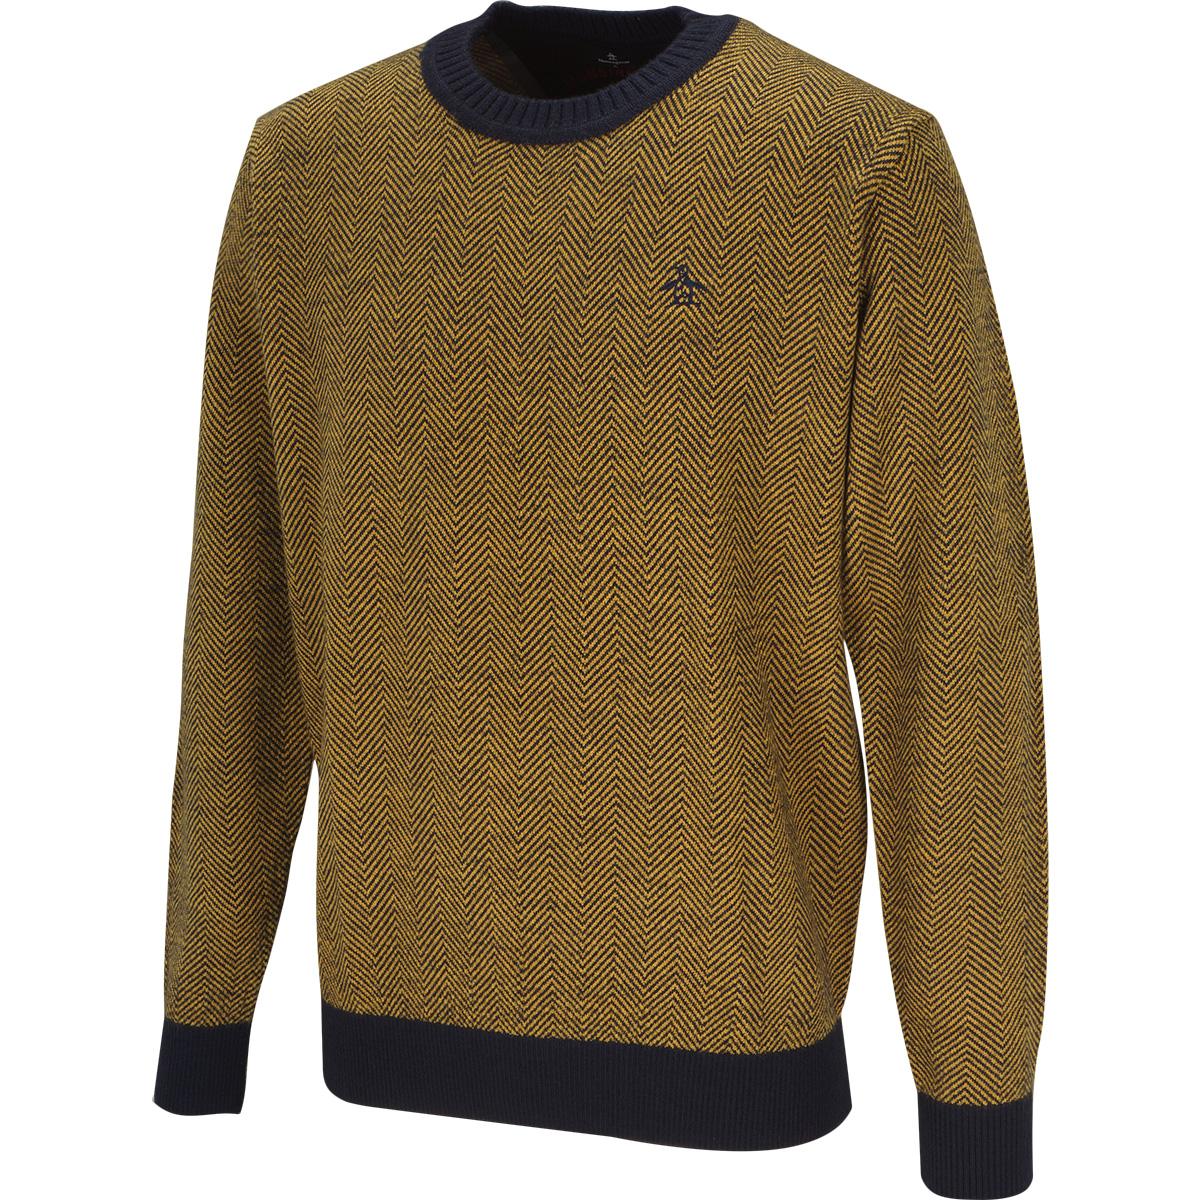 フォークランドウール ジャカードセーター